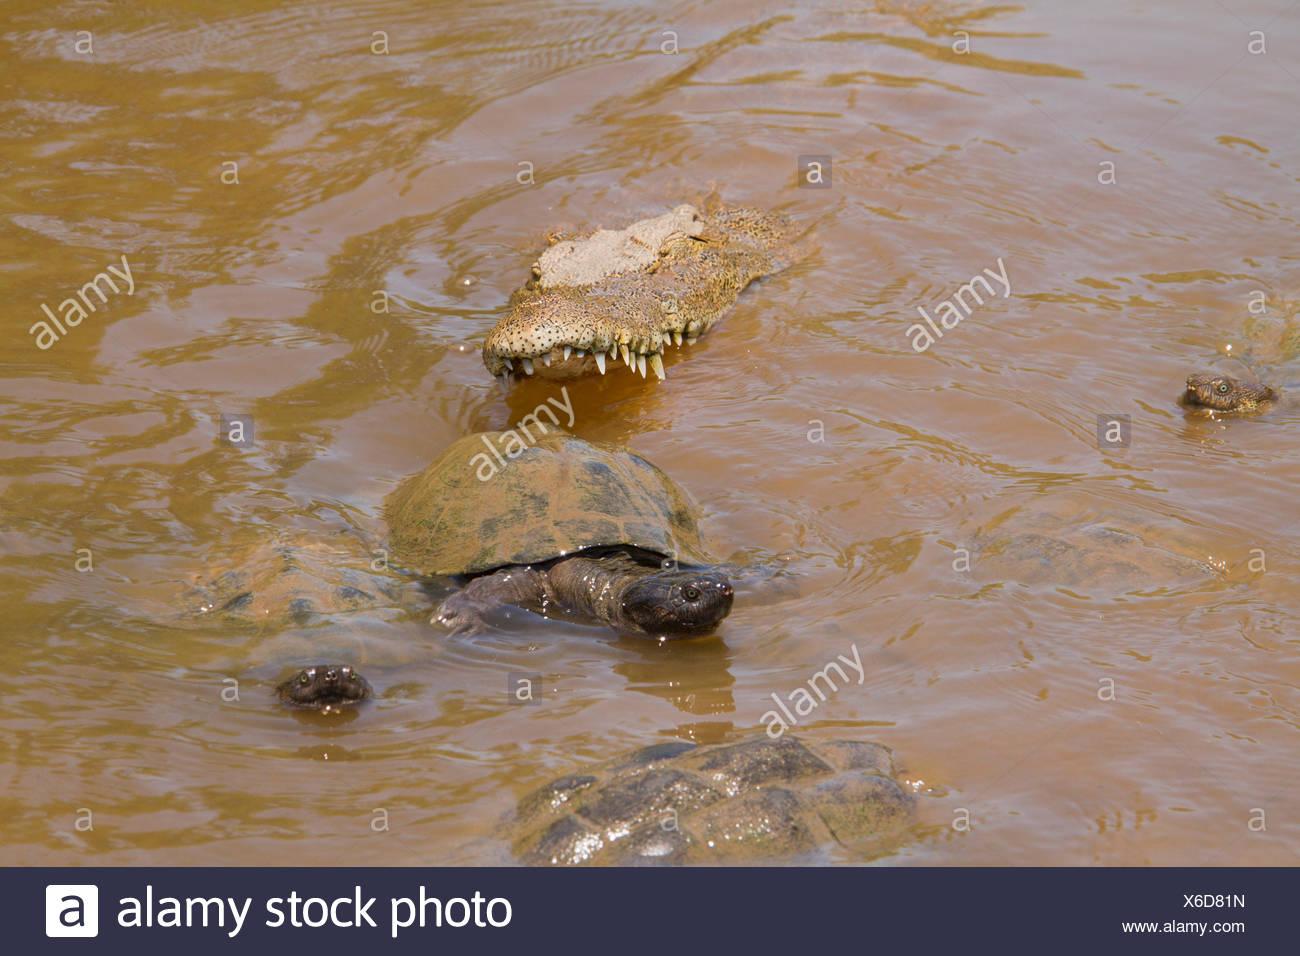 L'Afrique de l'Est de la boue dentelée de la tortue et le crocodile du Nil- trou d'eau saisonniers Kruger Banque D'Images